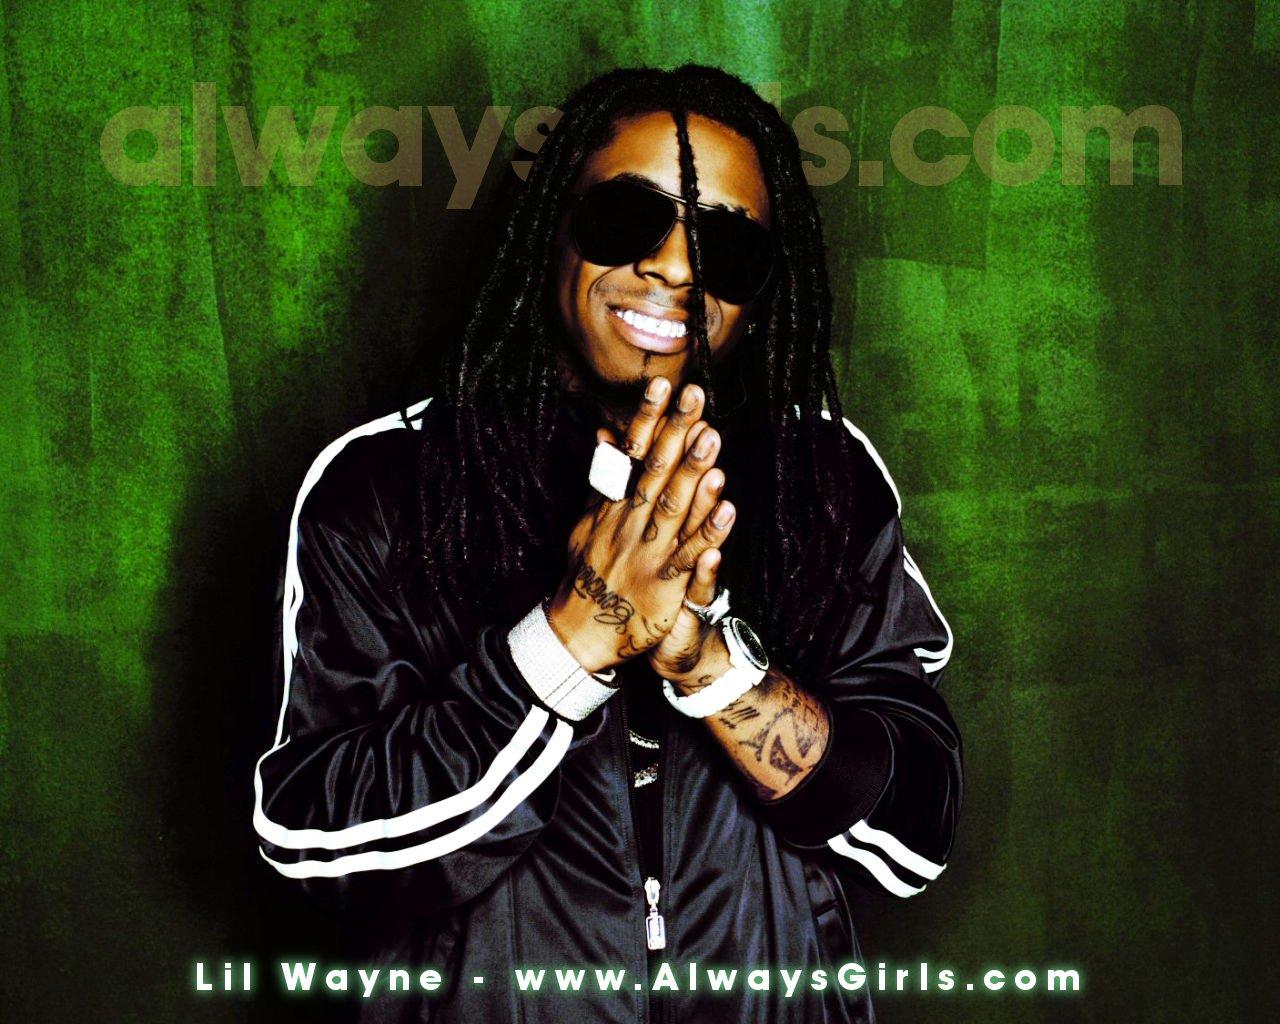 Lil Wayne Lil Wayne Wallpaper 28531471 Fanpop